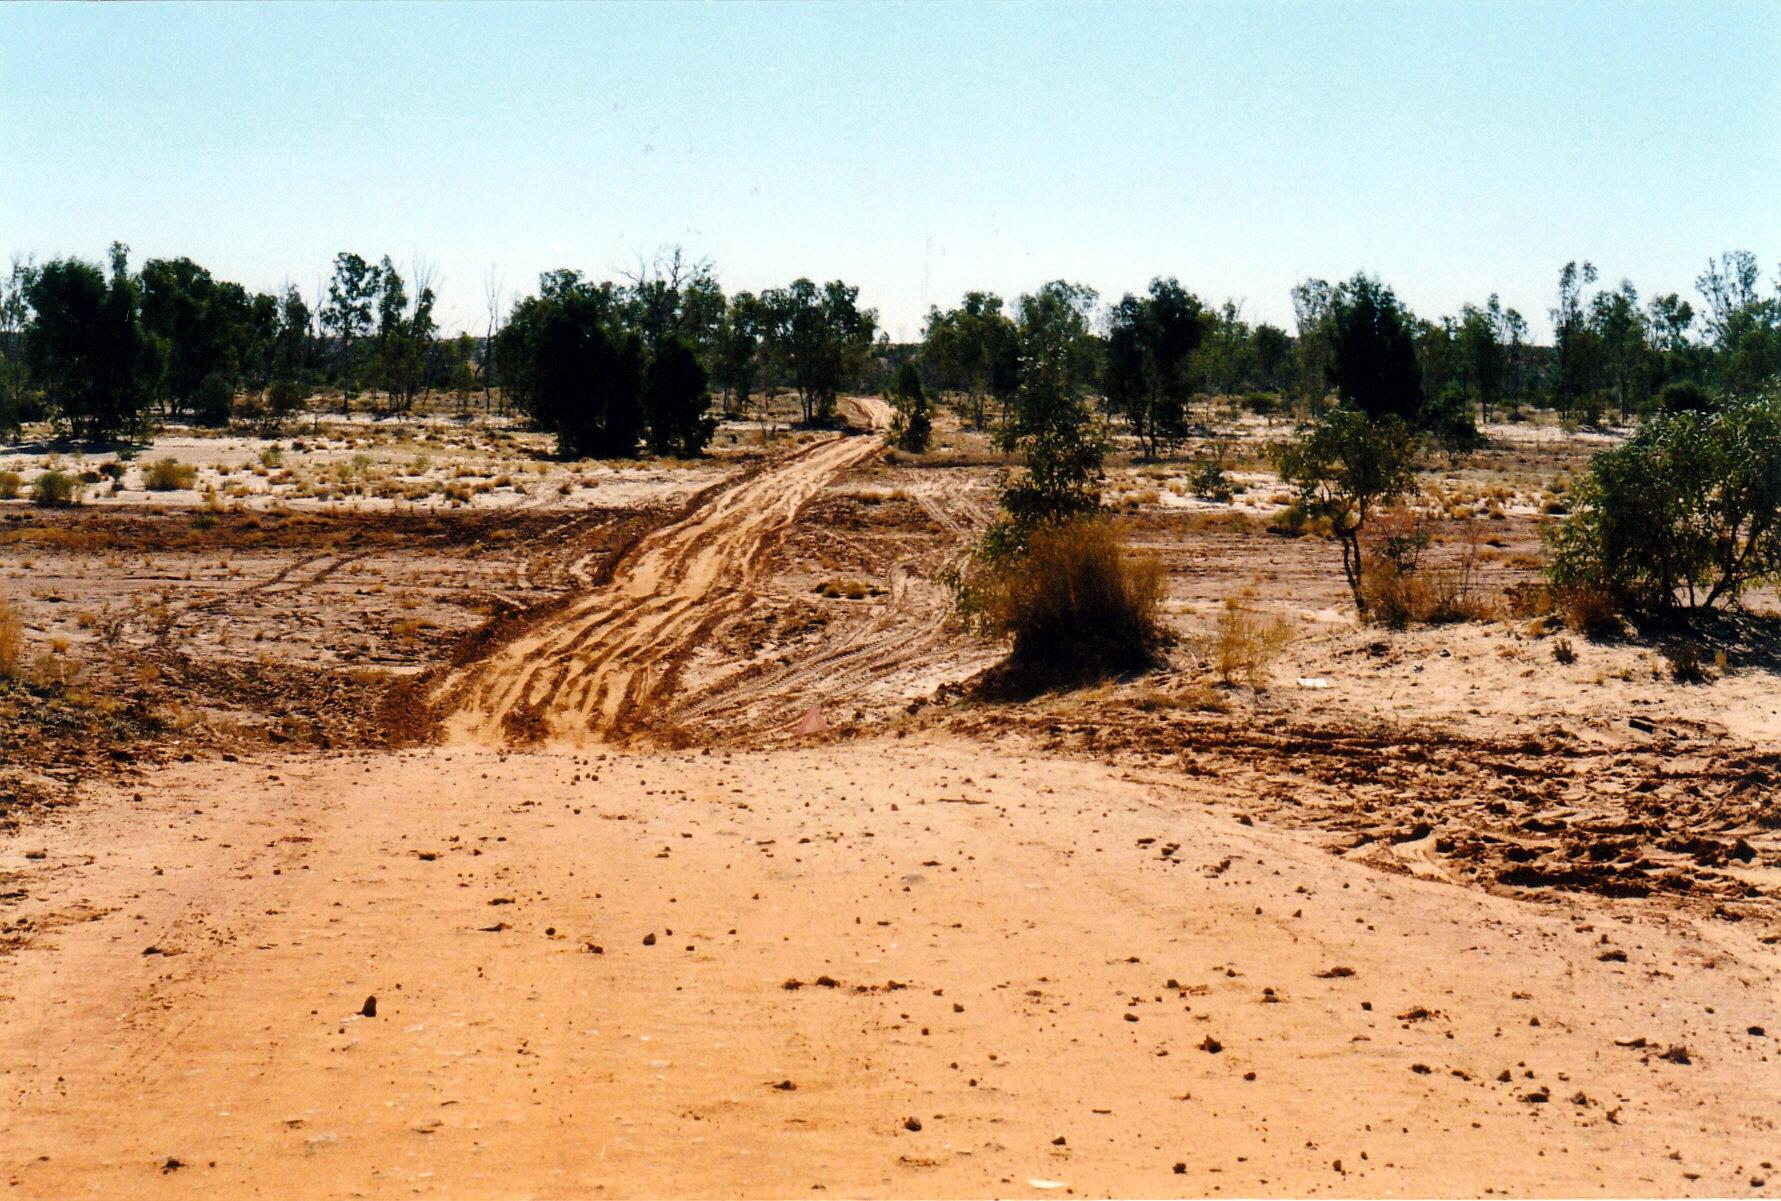 08-13-1999 11 finke river crossing